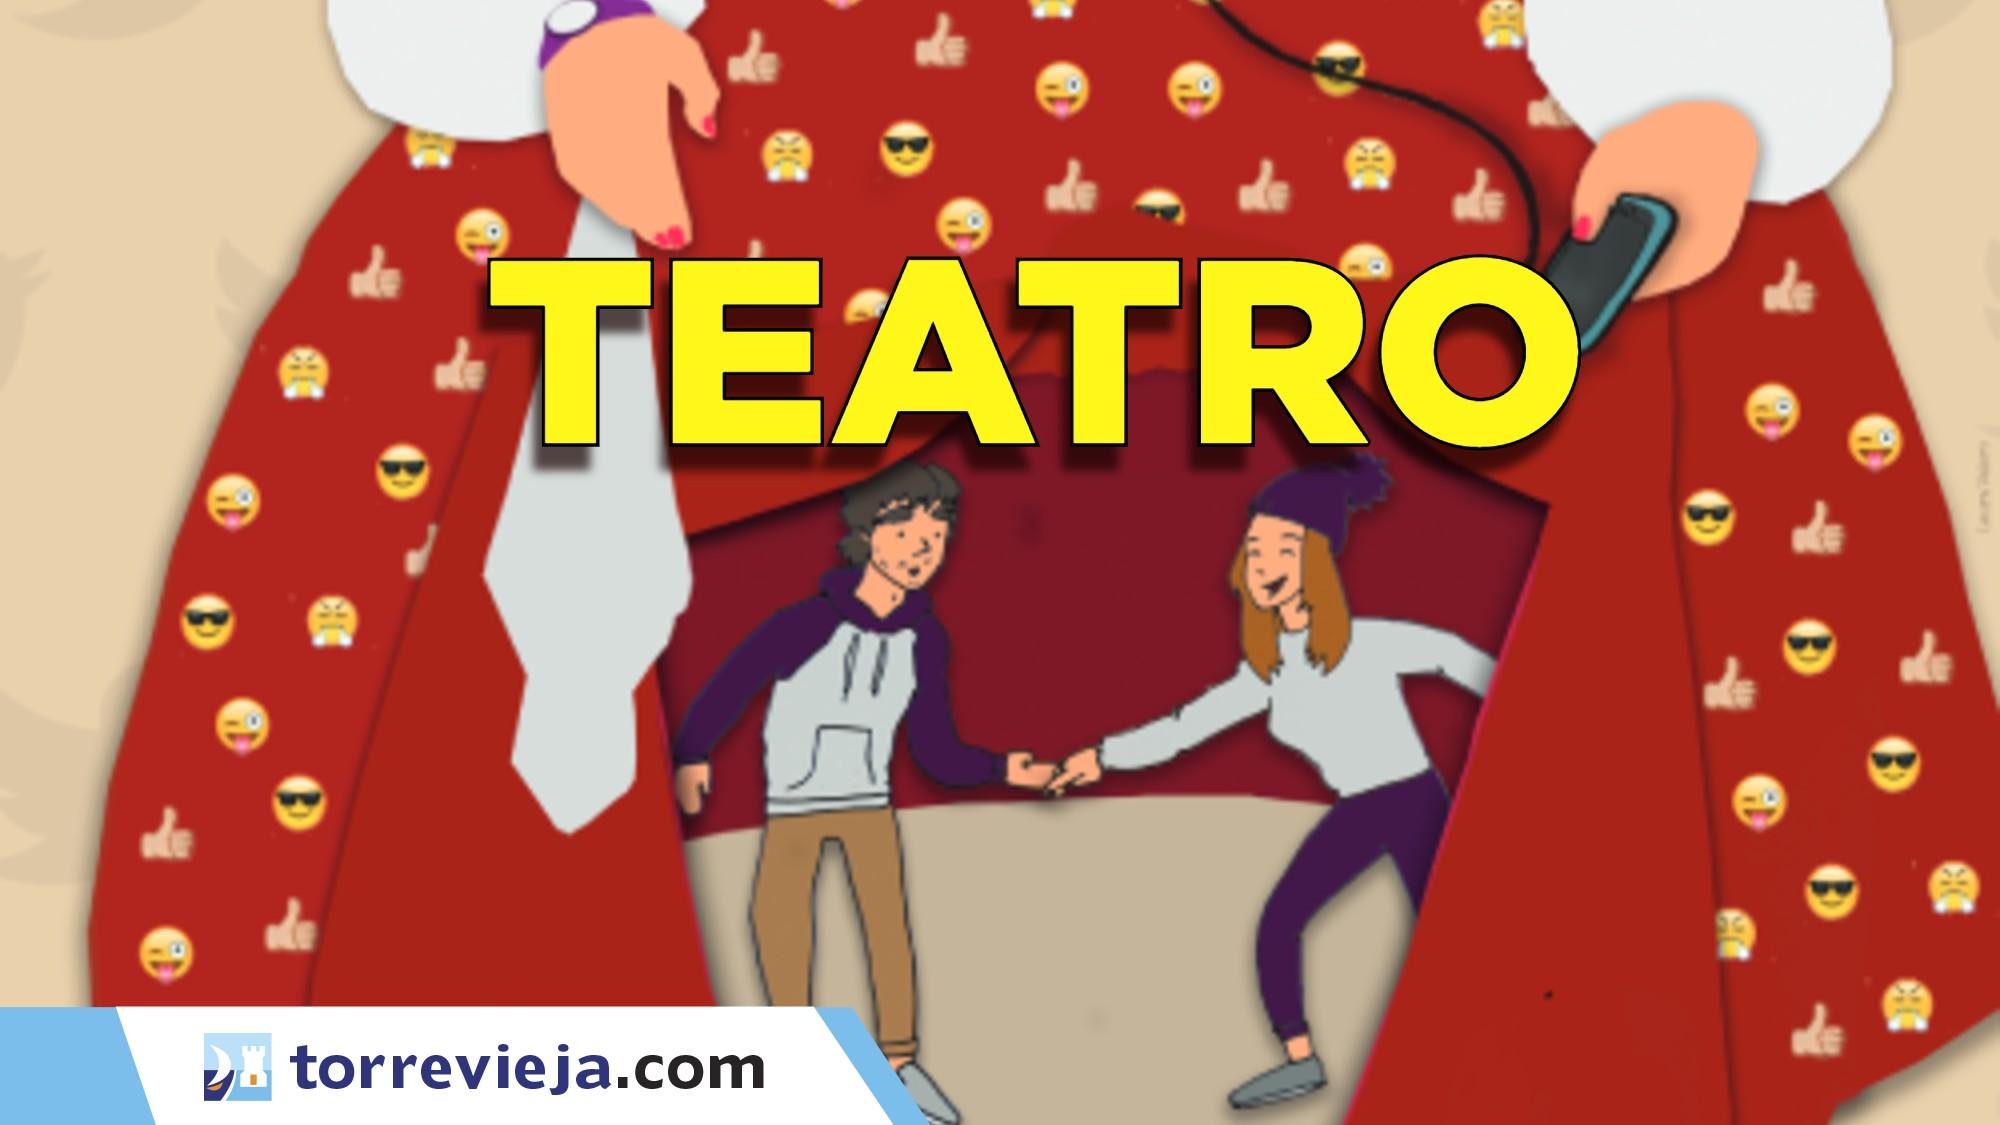 Театр: Путешествия Алекса и Елены TORREVIEJACOM